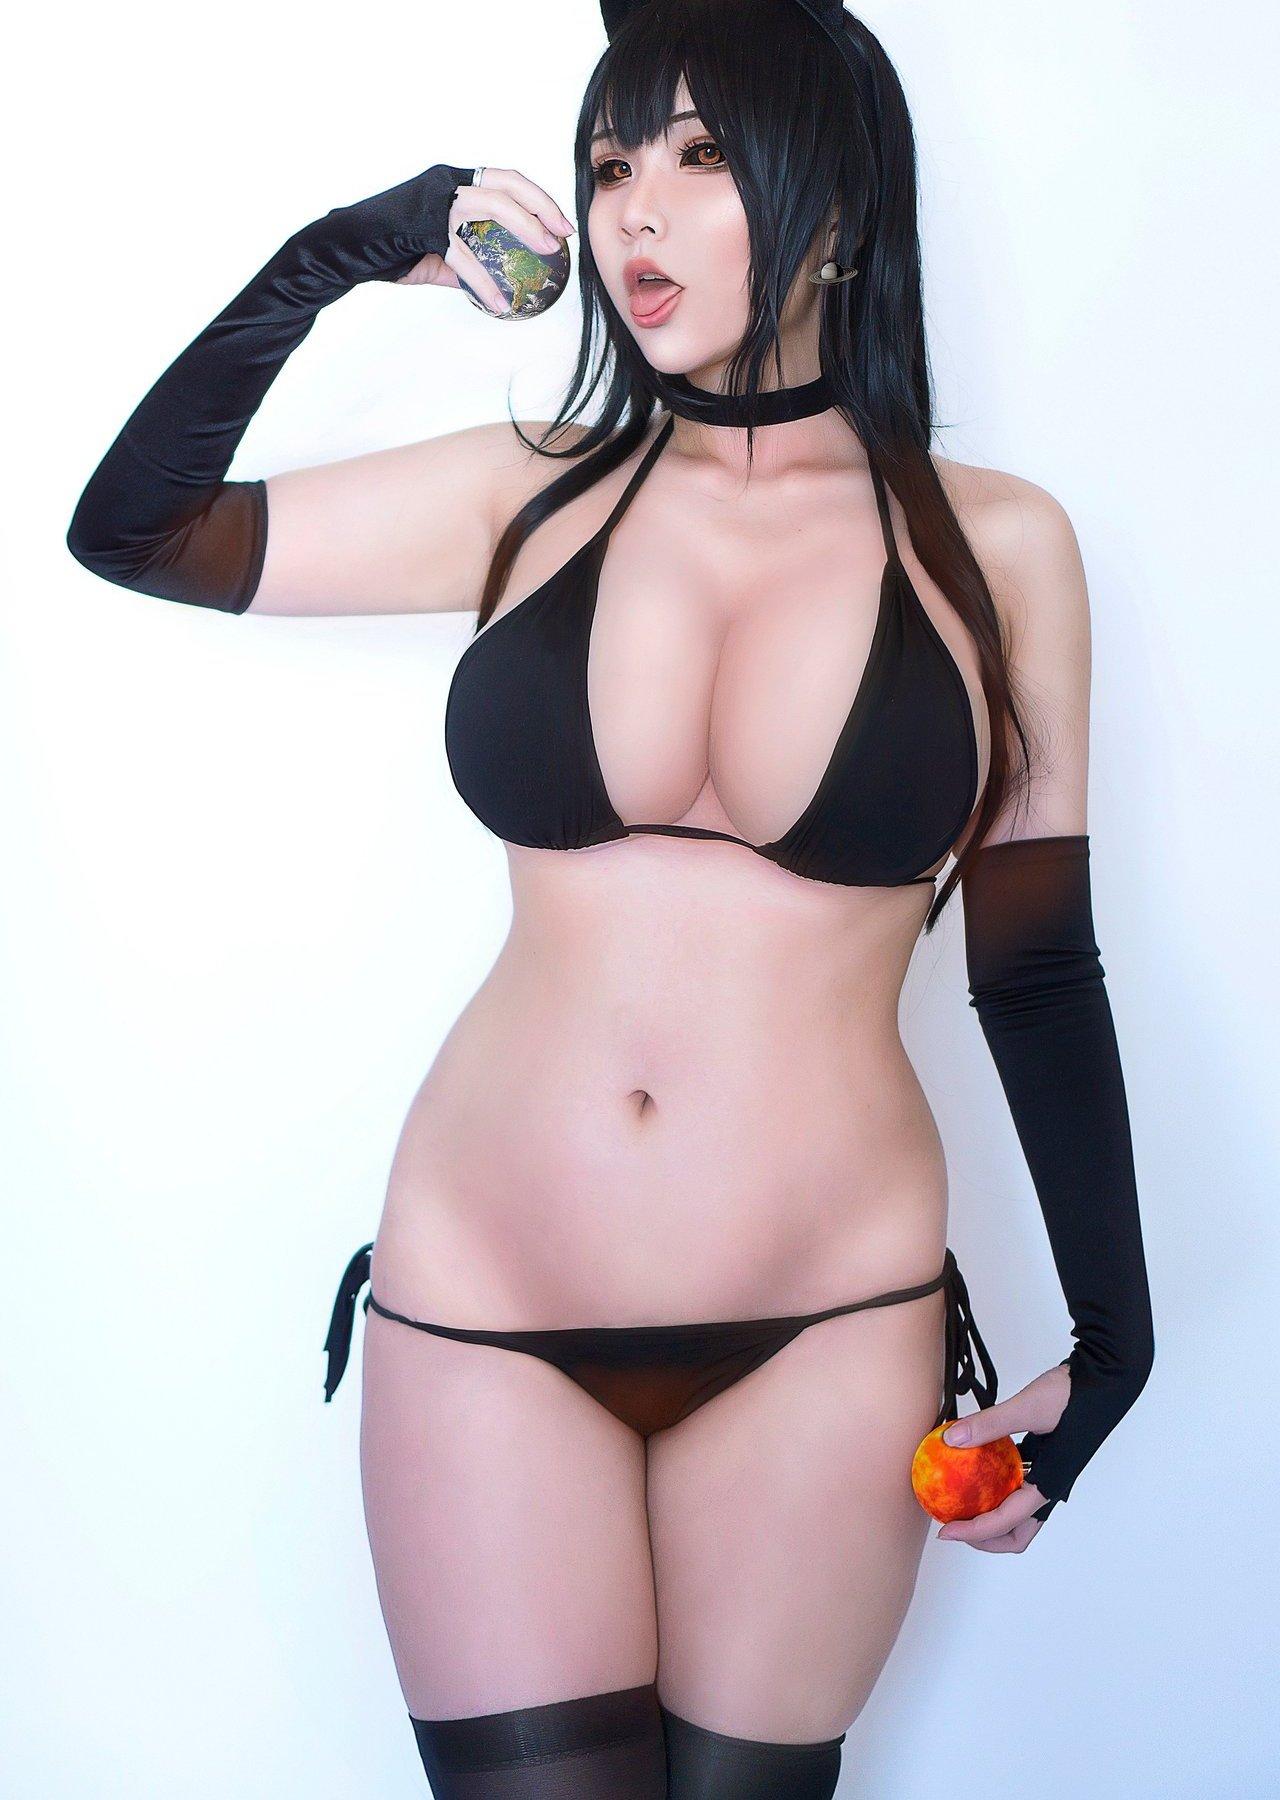 Hana Bunny Patreon Sexy Leaks 0048